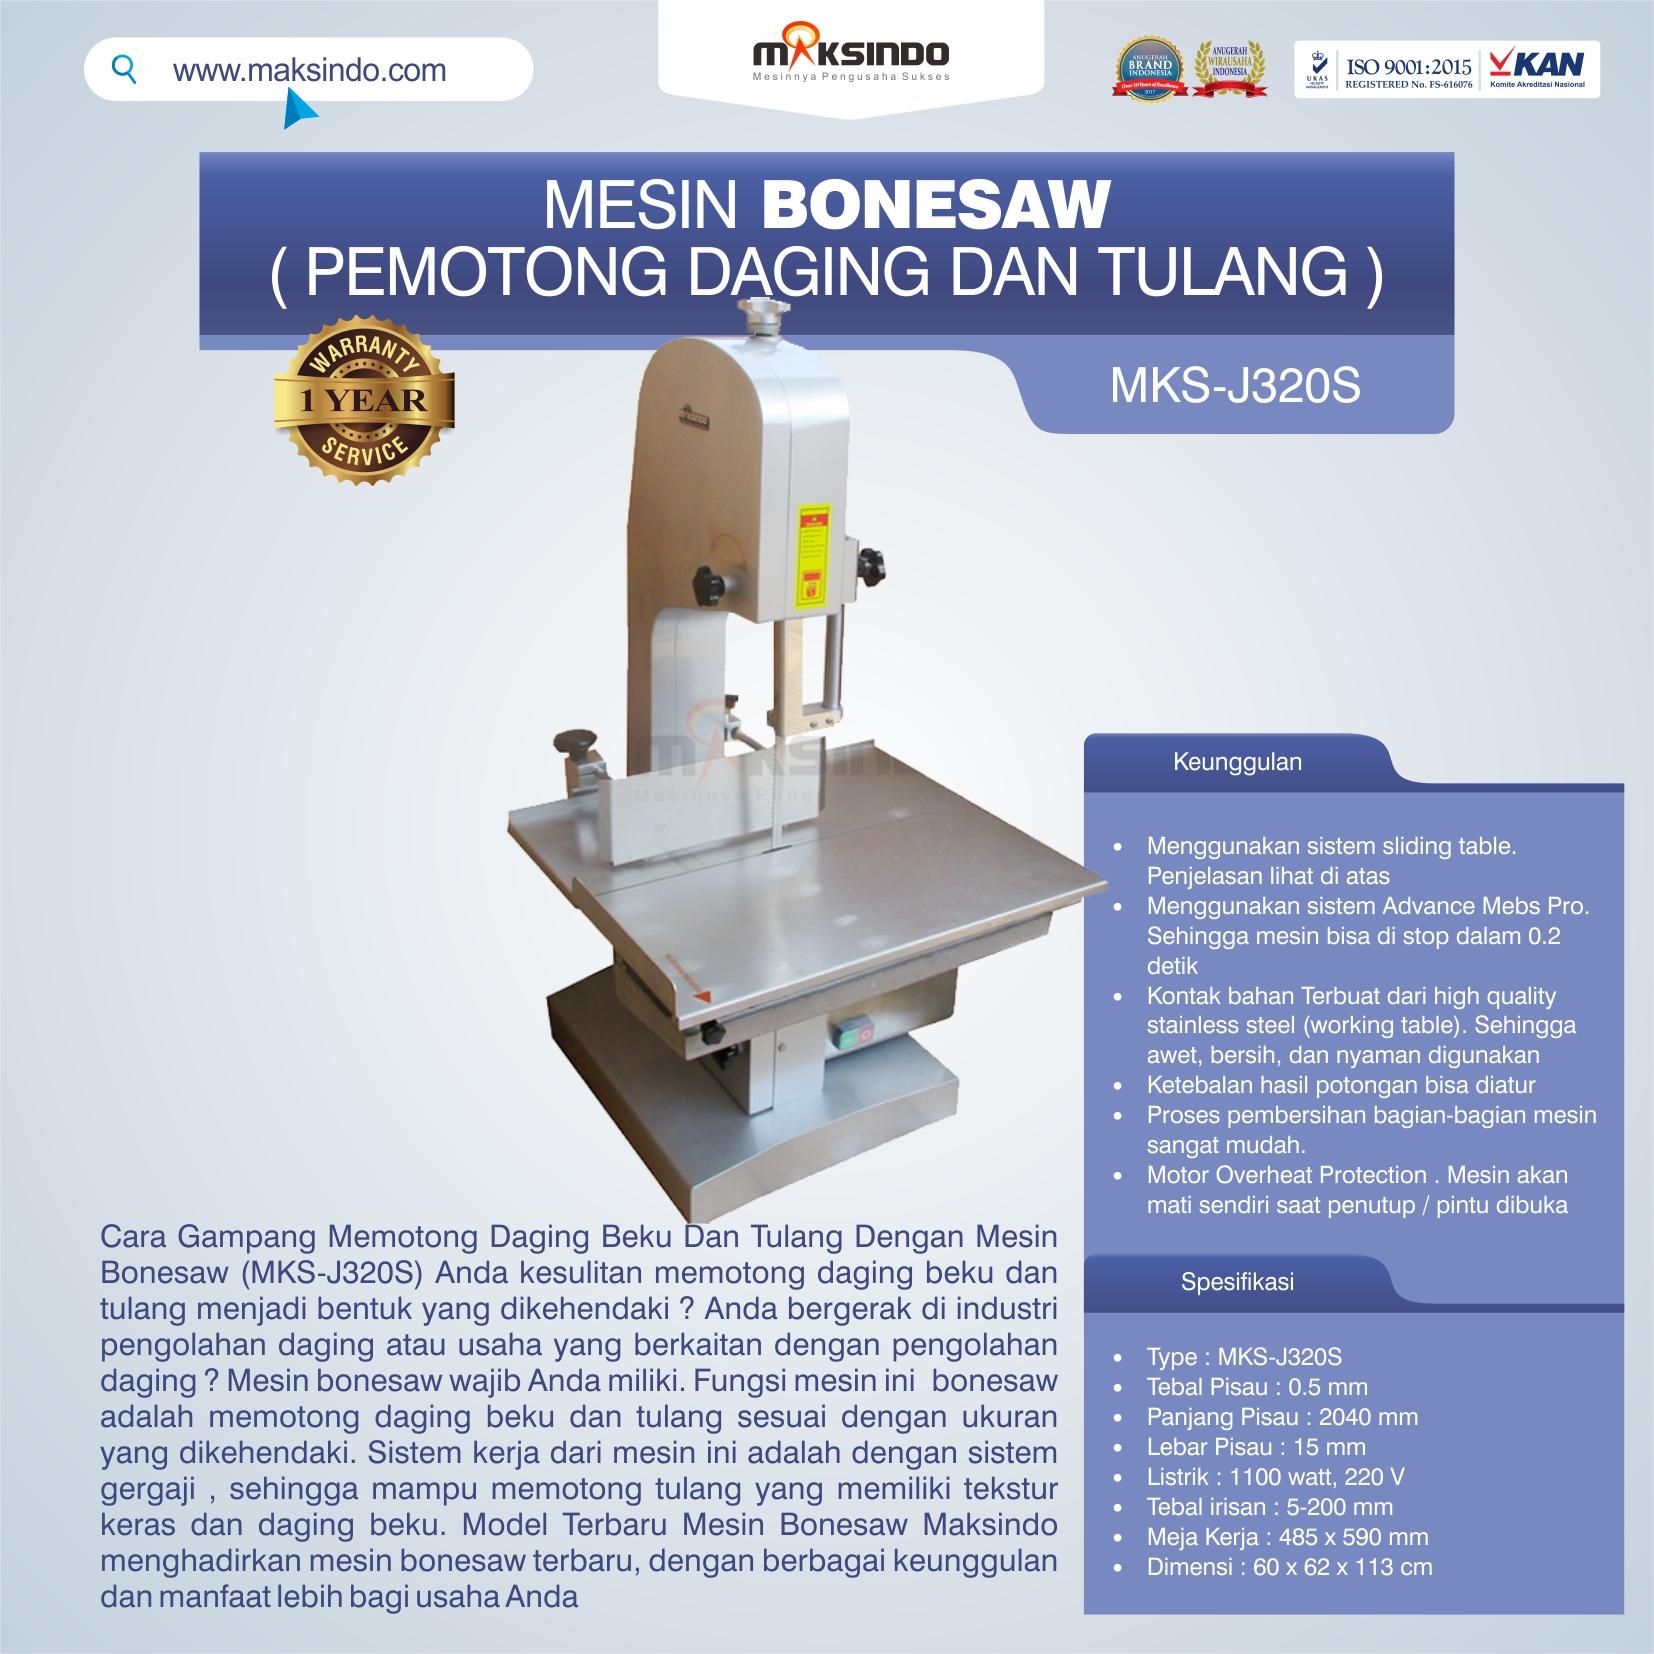 Jual Mesin Bonesaw MKS-J320S (pemotong daging dan tulang) di Tangerang